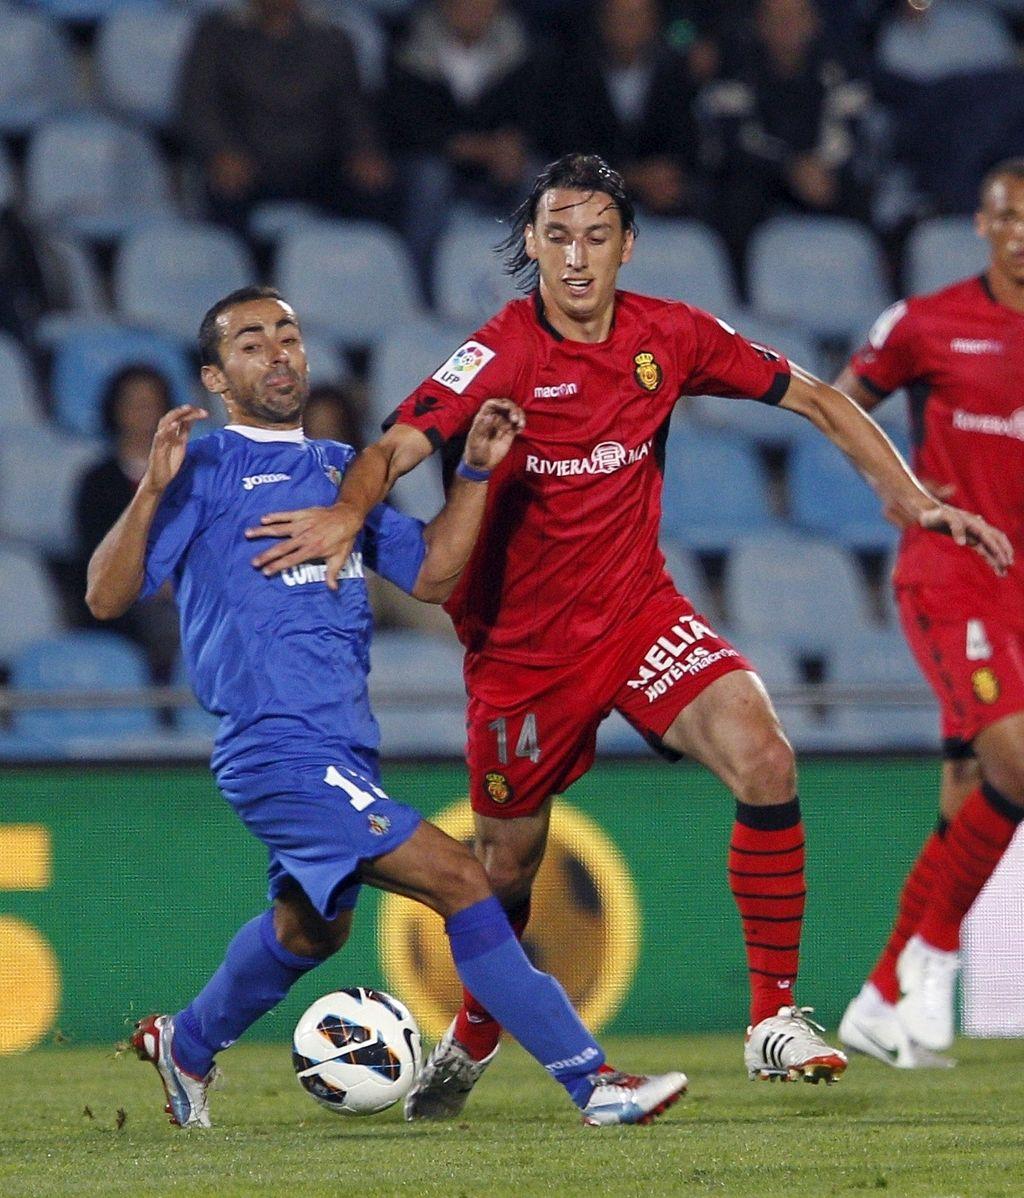 El centrocampista del Getafe Diego Castro, autor del gol del partido, y el defensa brasileño del Mallorca Pedro Tunon Geromel luchan por el balón